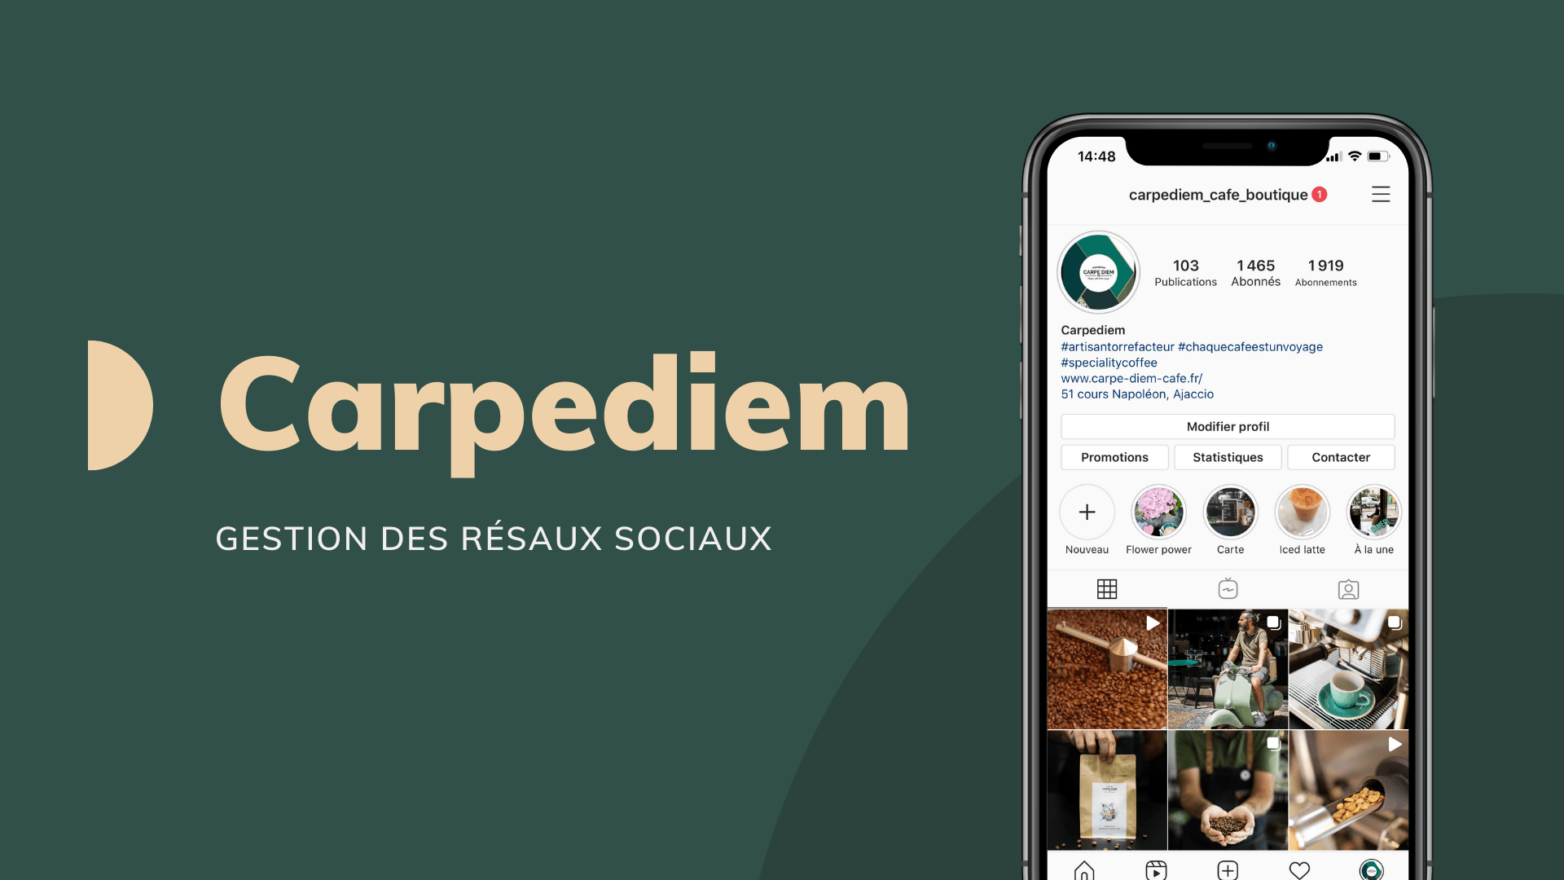 Gestion des réseaux sociaux Carpediem Ajaccio